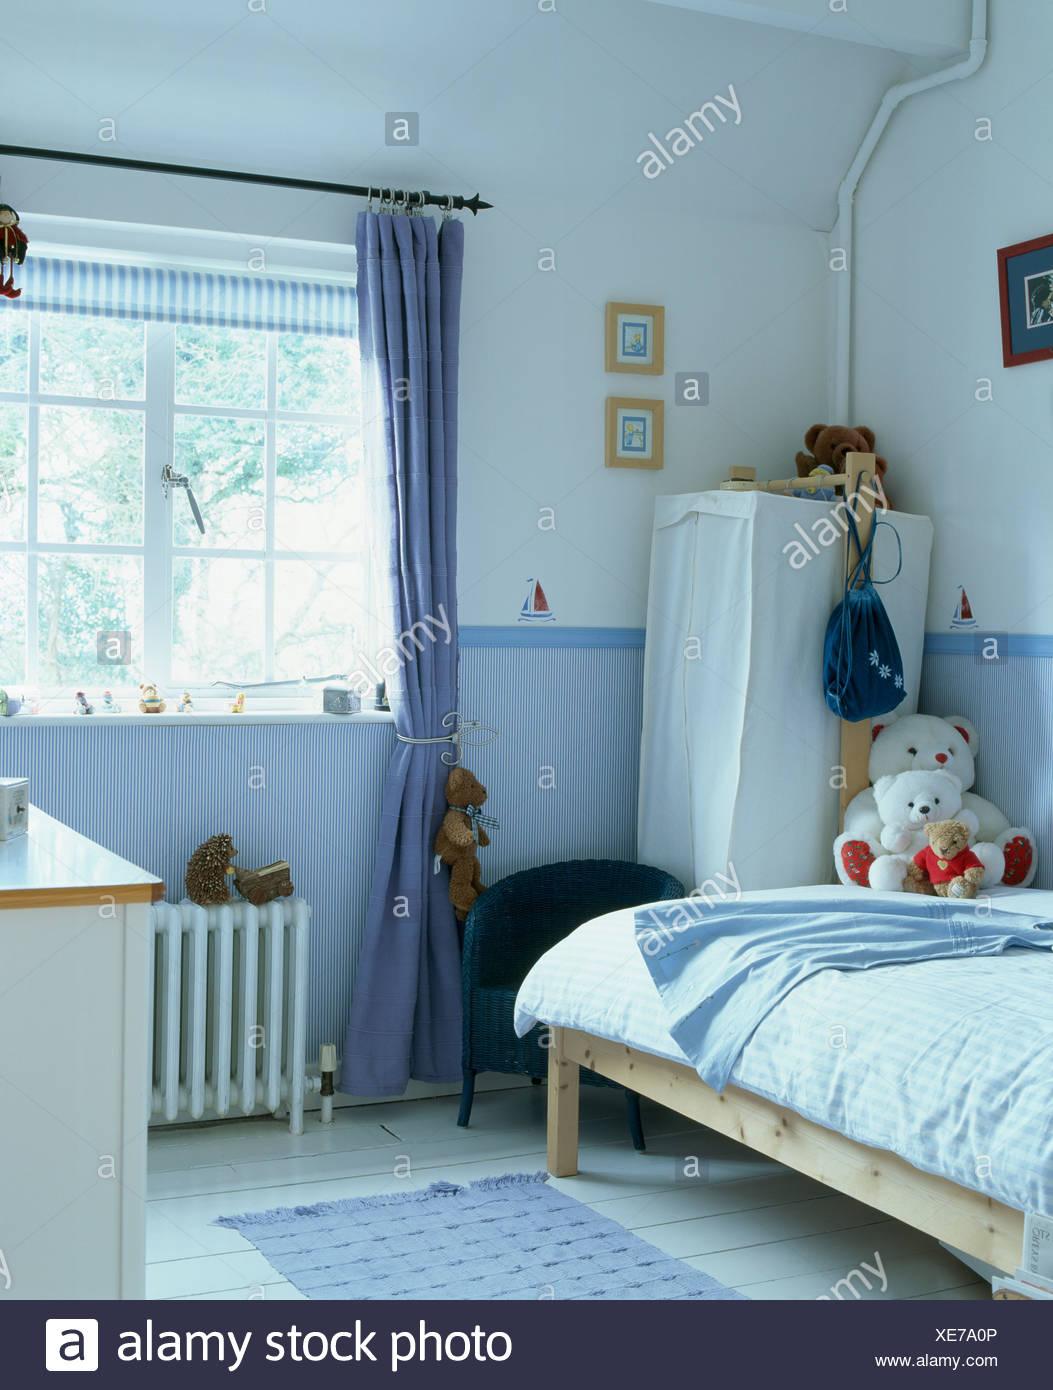 Full Size of Kinderzimmer Vorhang Blauen Am Fenster Im Mit Tapeten Dado Küche Regal Weiß Bad Wohnzimmer Sofa Regale Kinderzimmer Kinderzimmer Vorhang